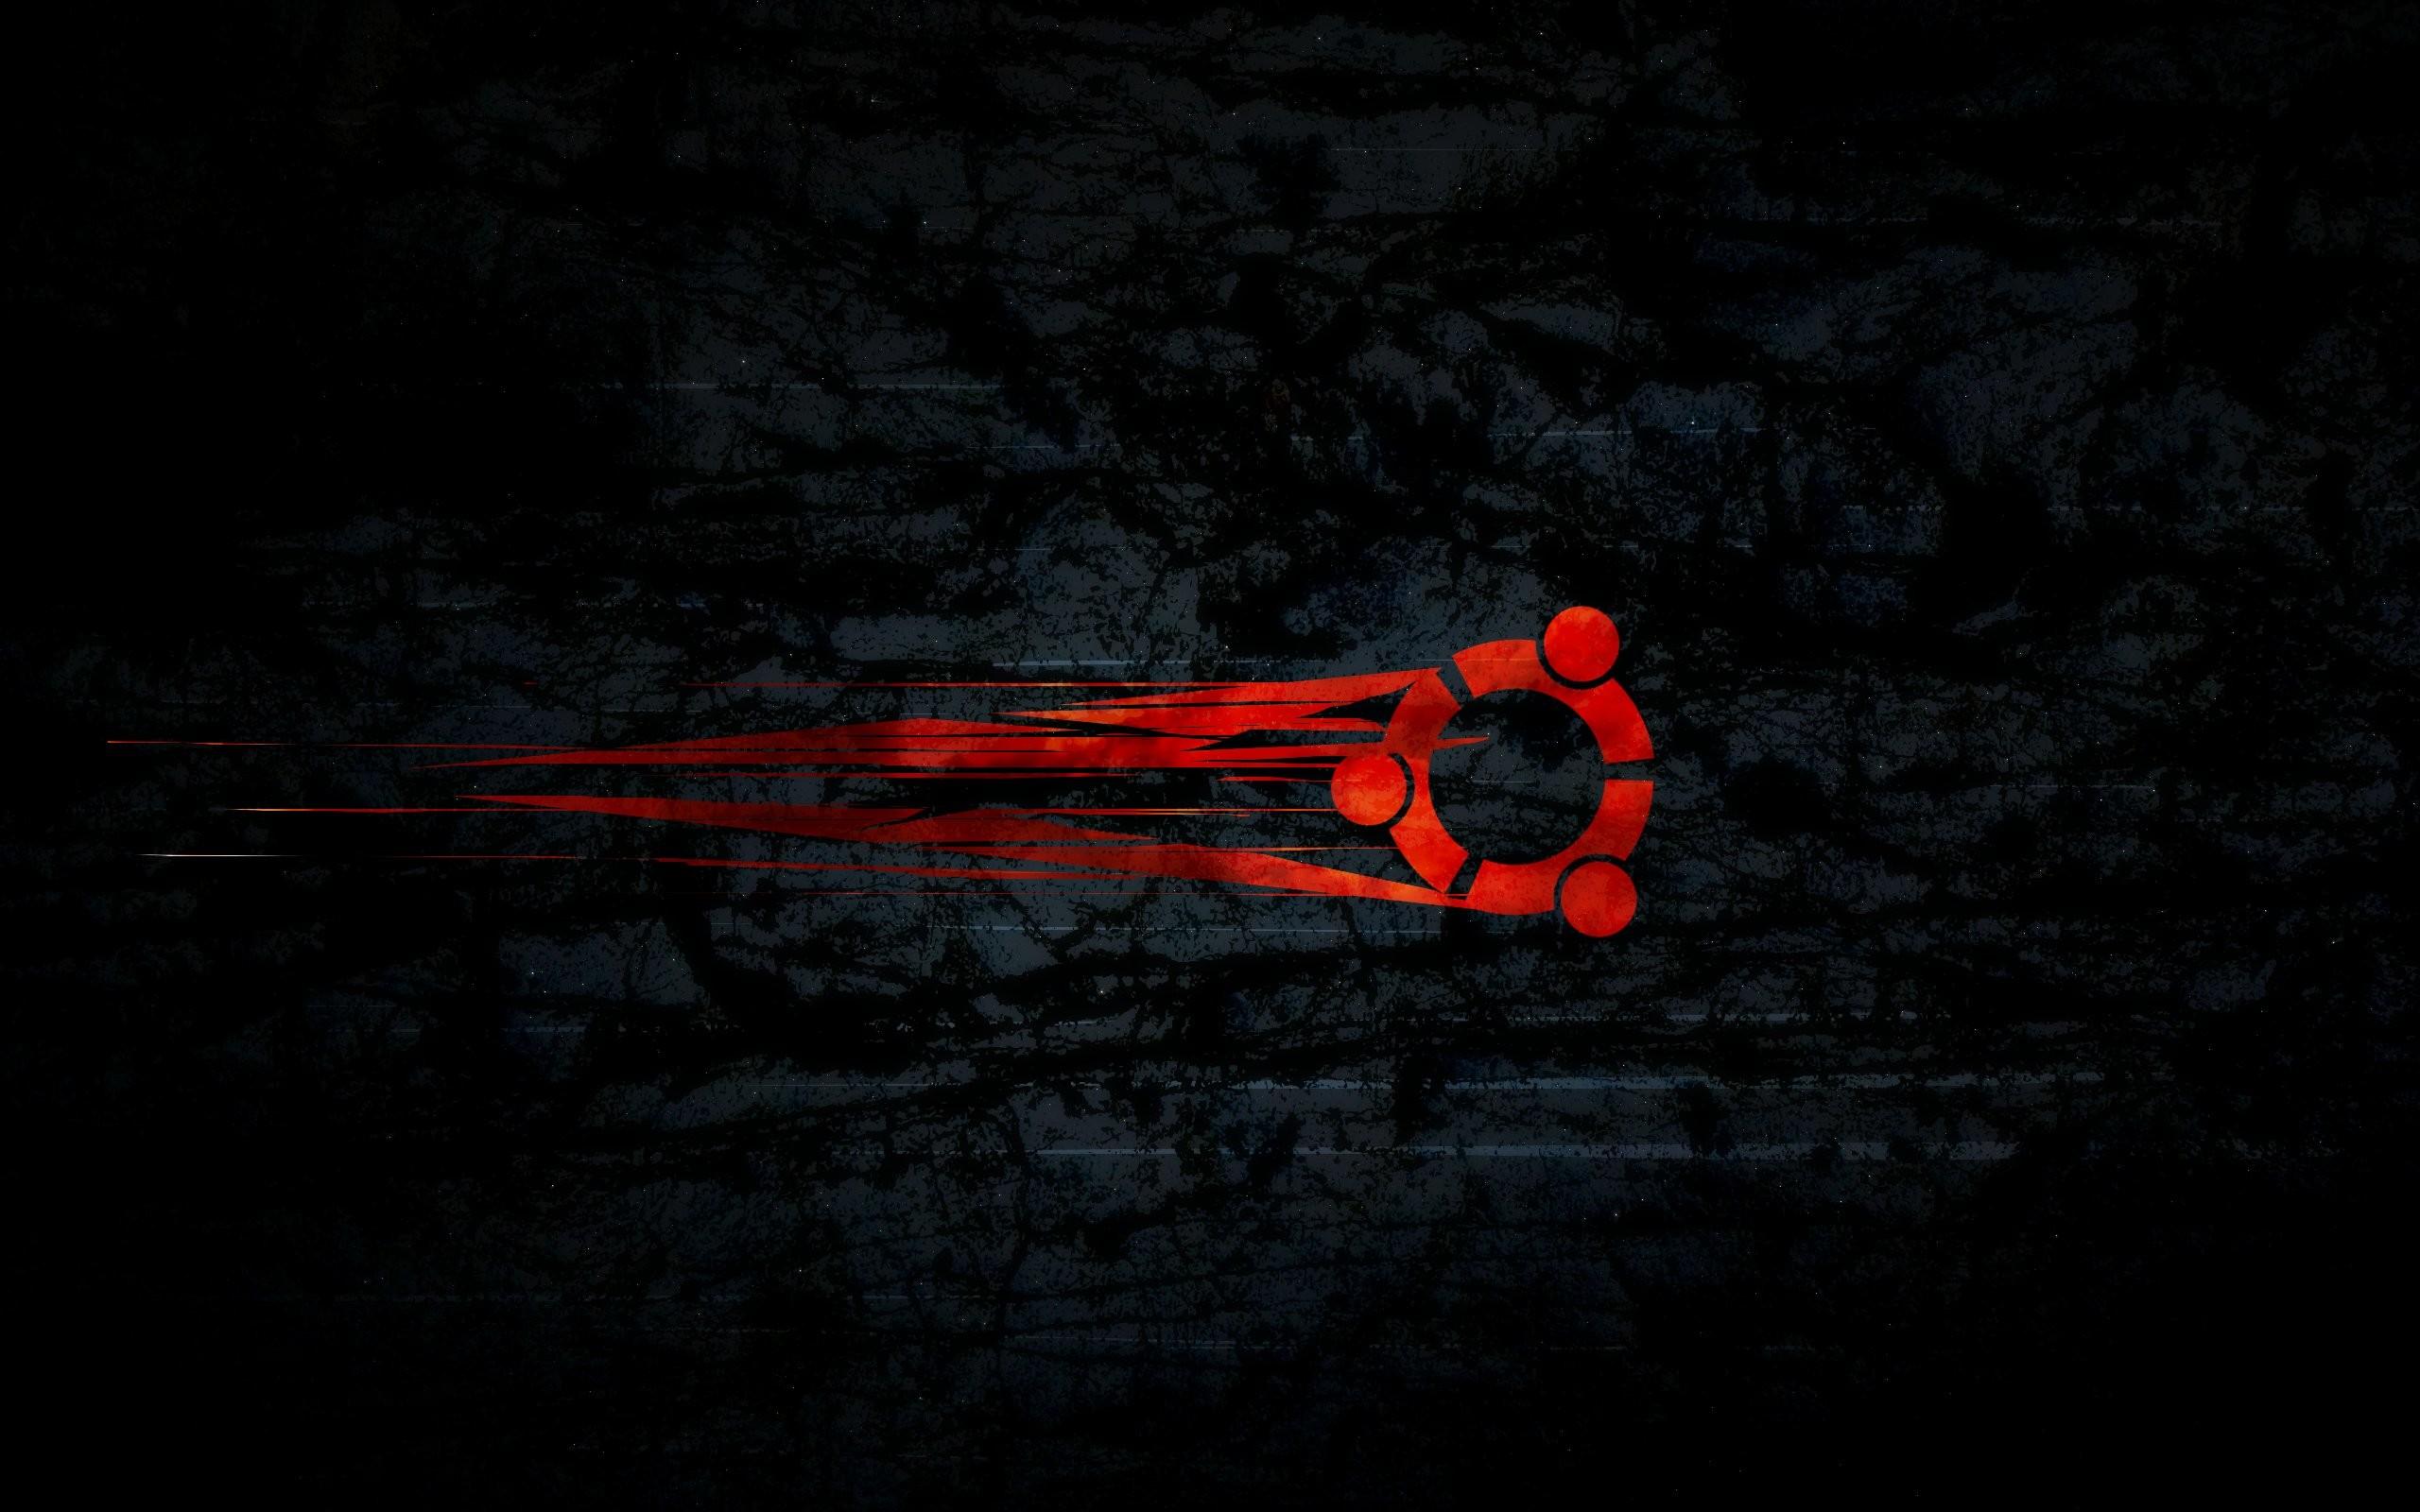 Download HD Shooting Red Ubuntu Logo Wallpaper For Free